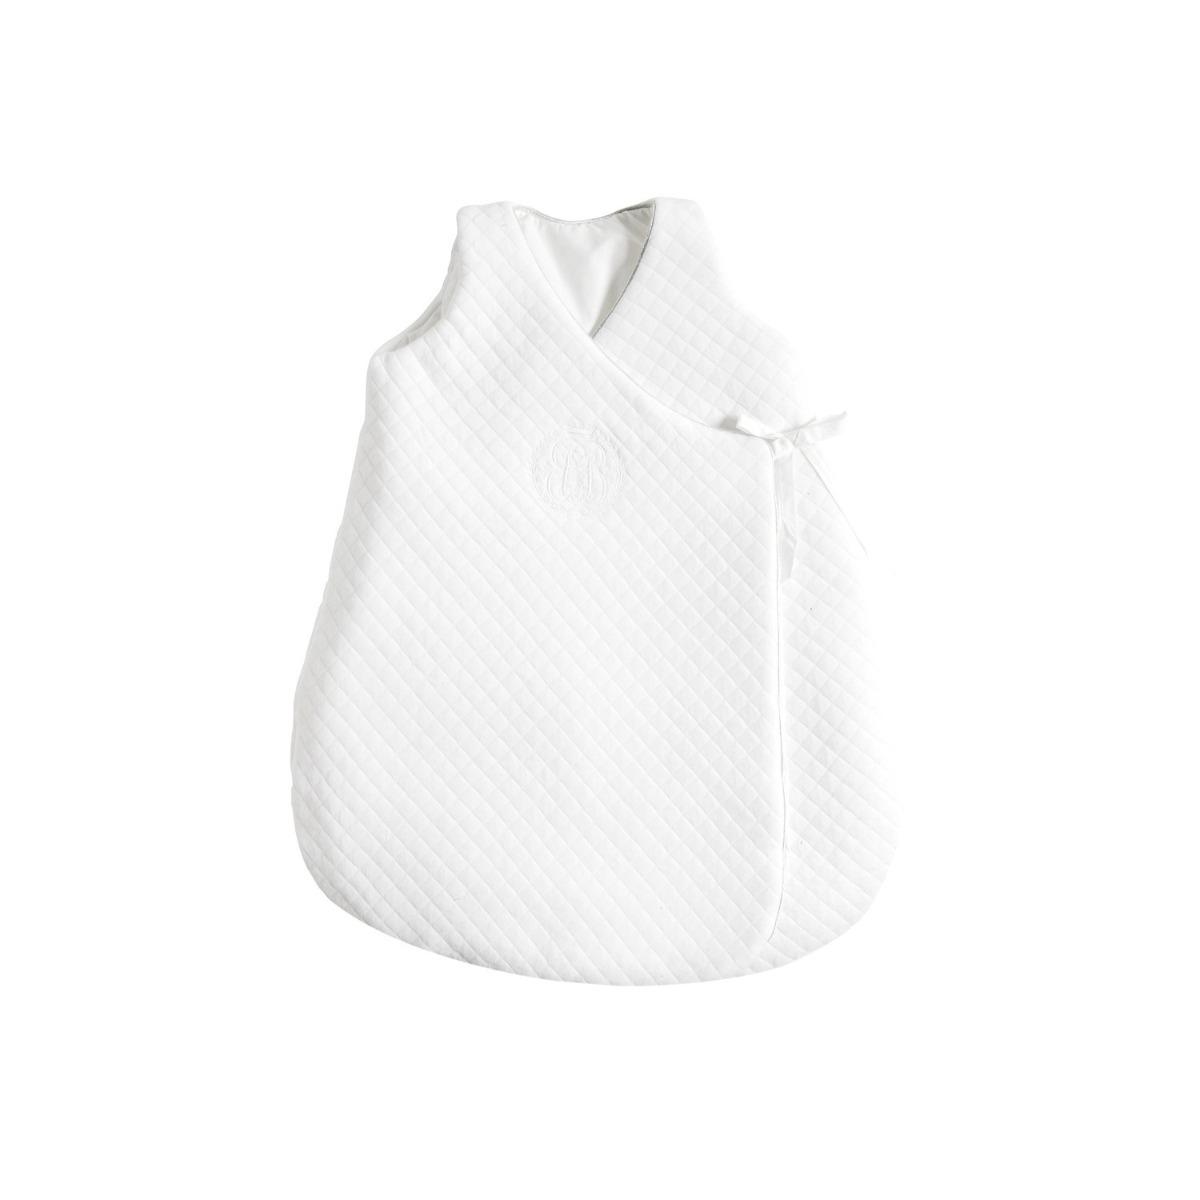 Genähter Babyschlafsack weiß